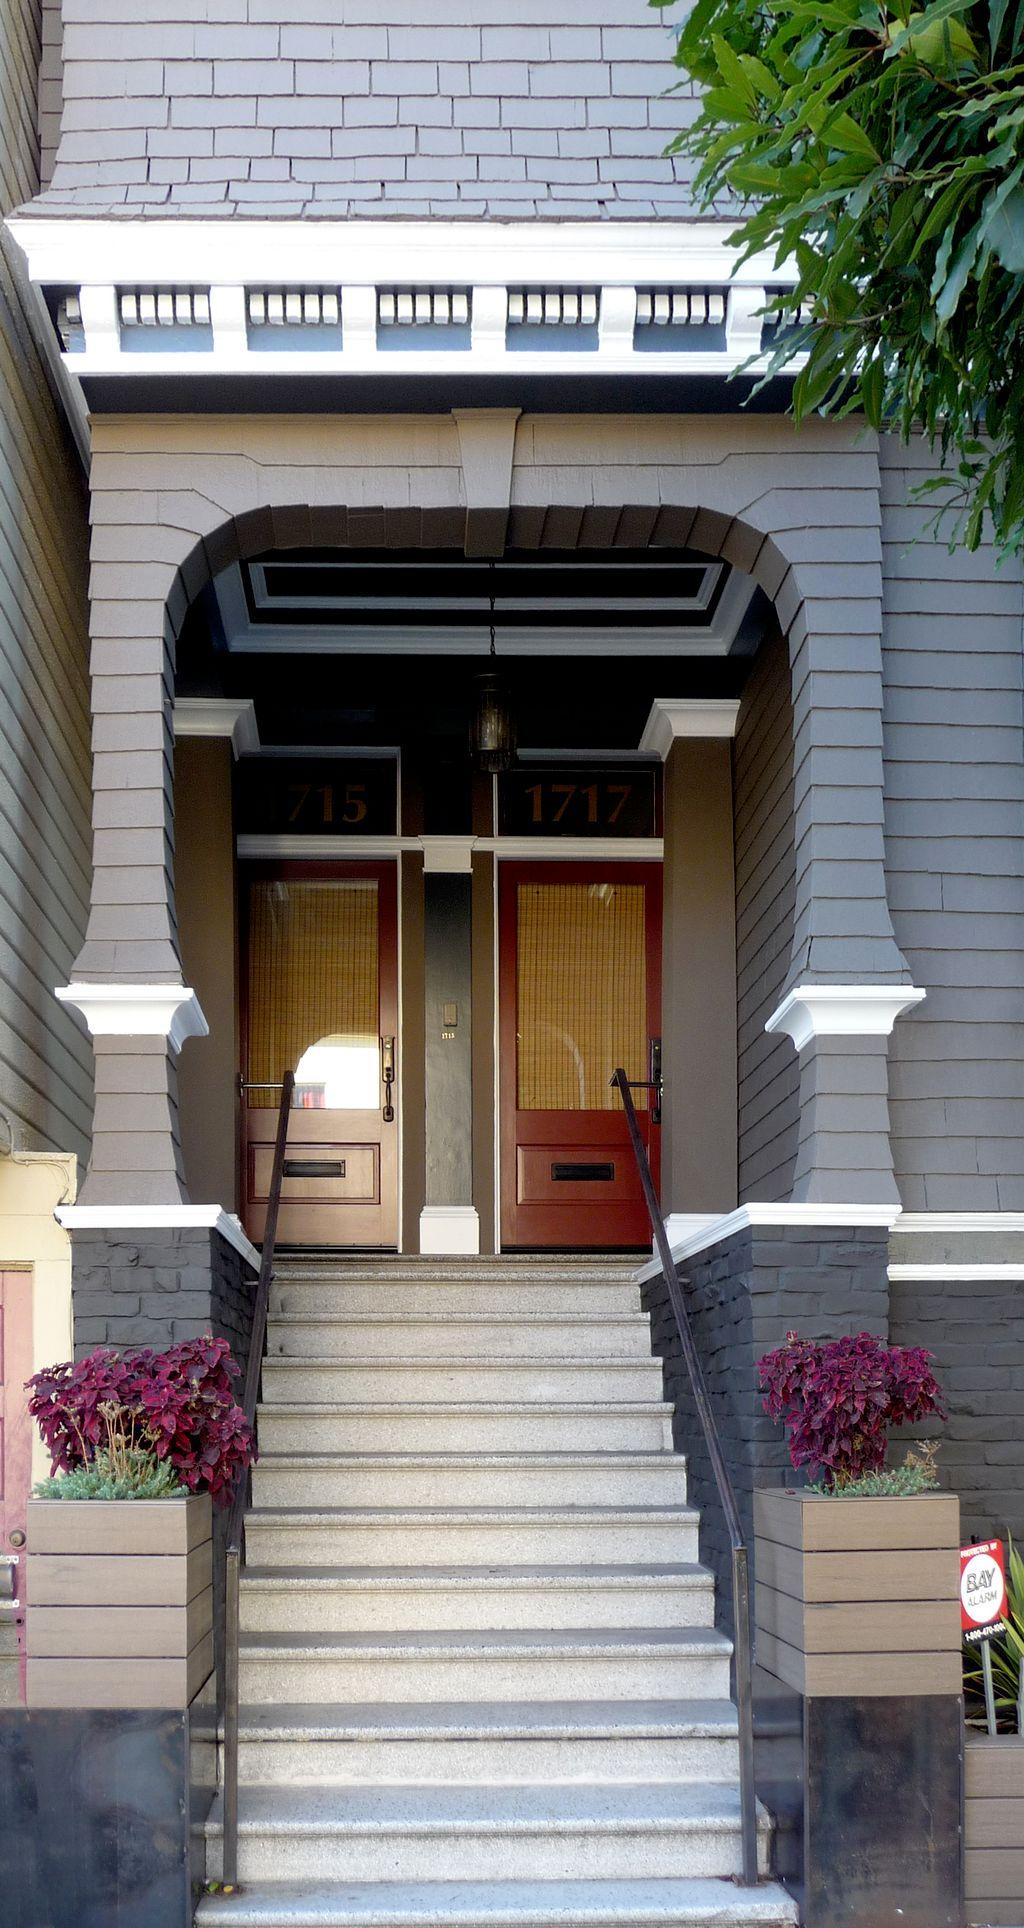 Lyon Street, San Francisco